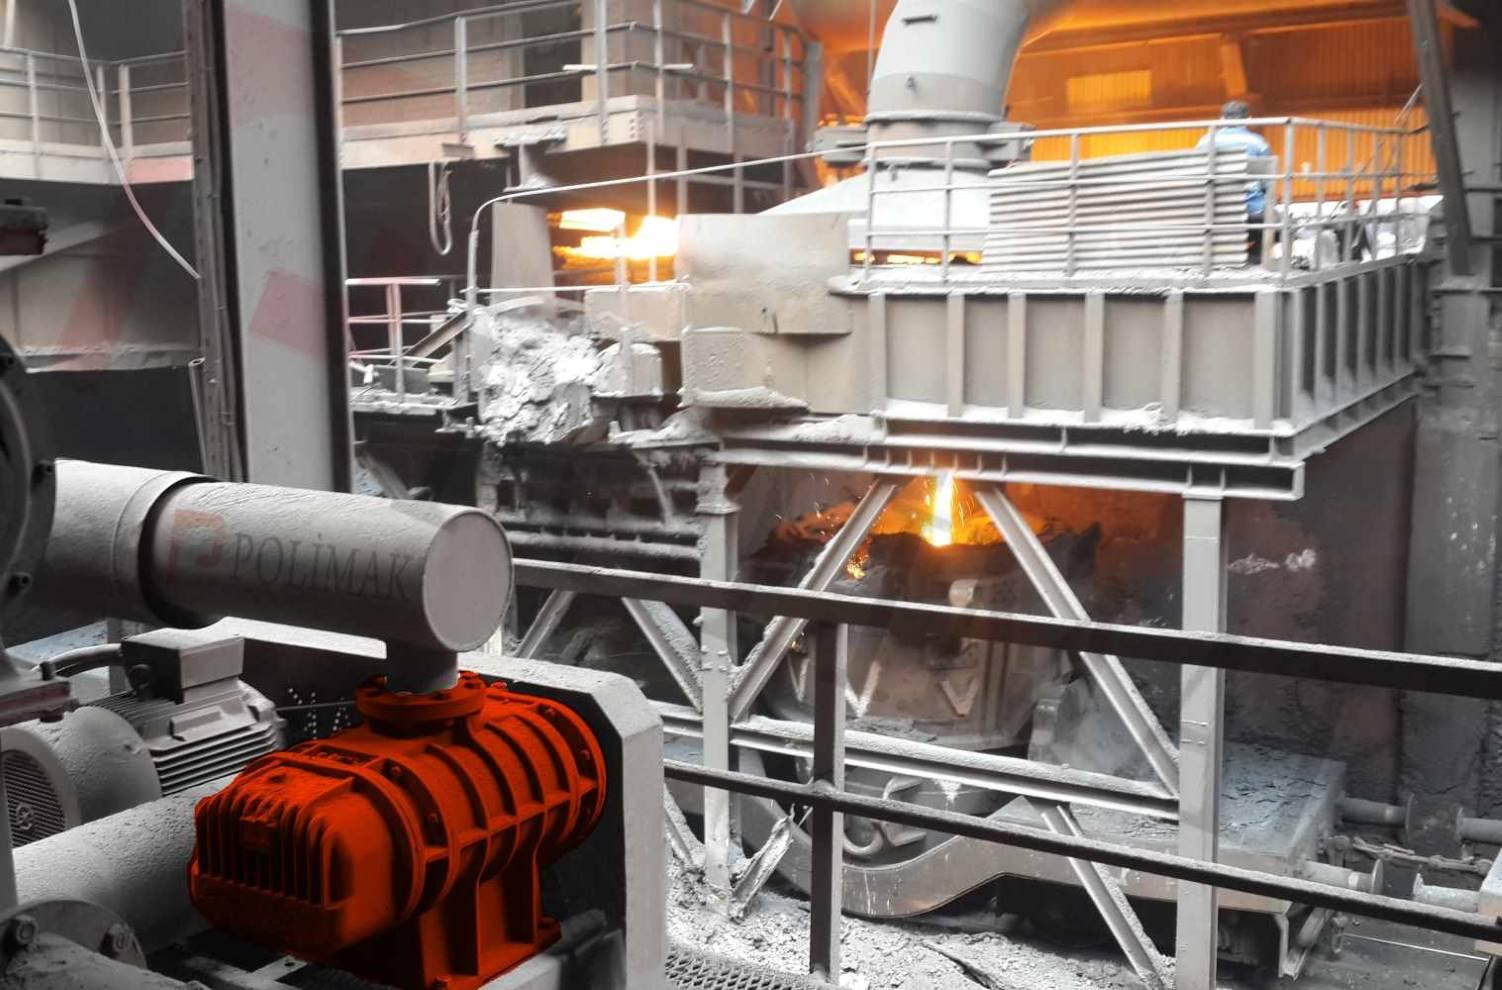 Roots blower demir çelik tesisleri tozsuzlaştırma blower filtre sistemleri